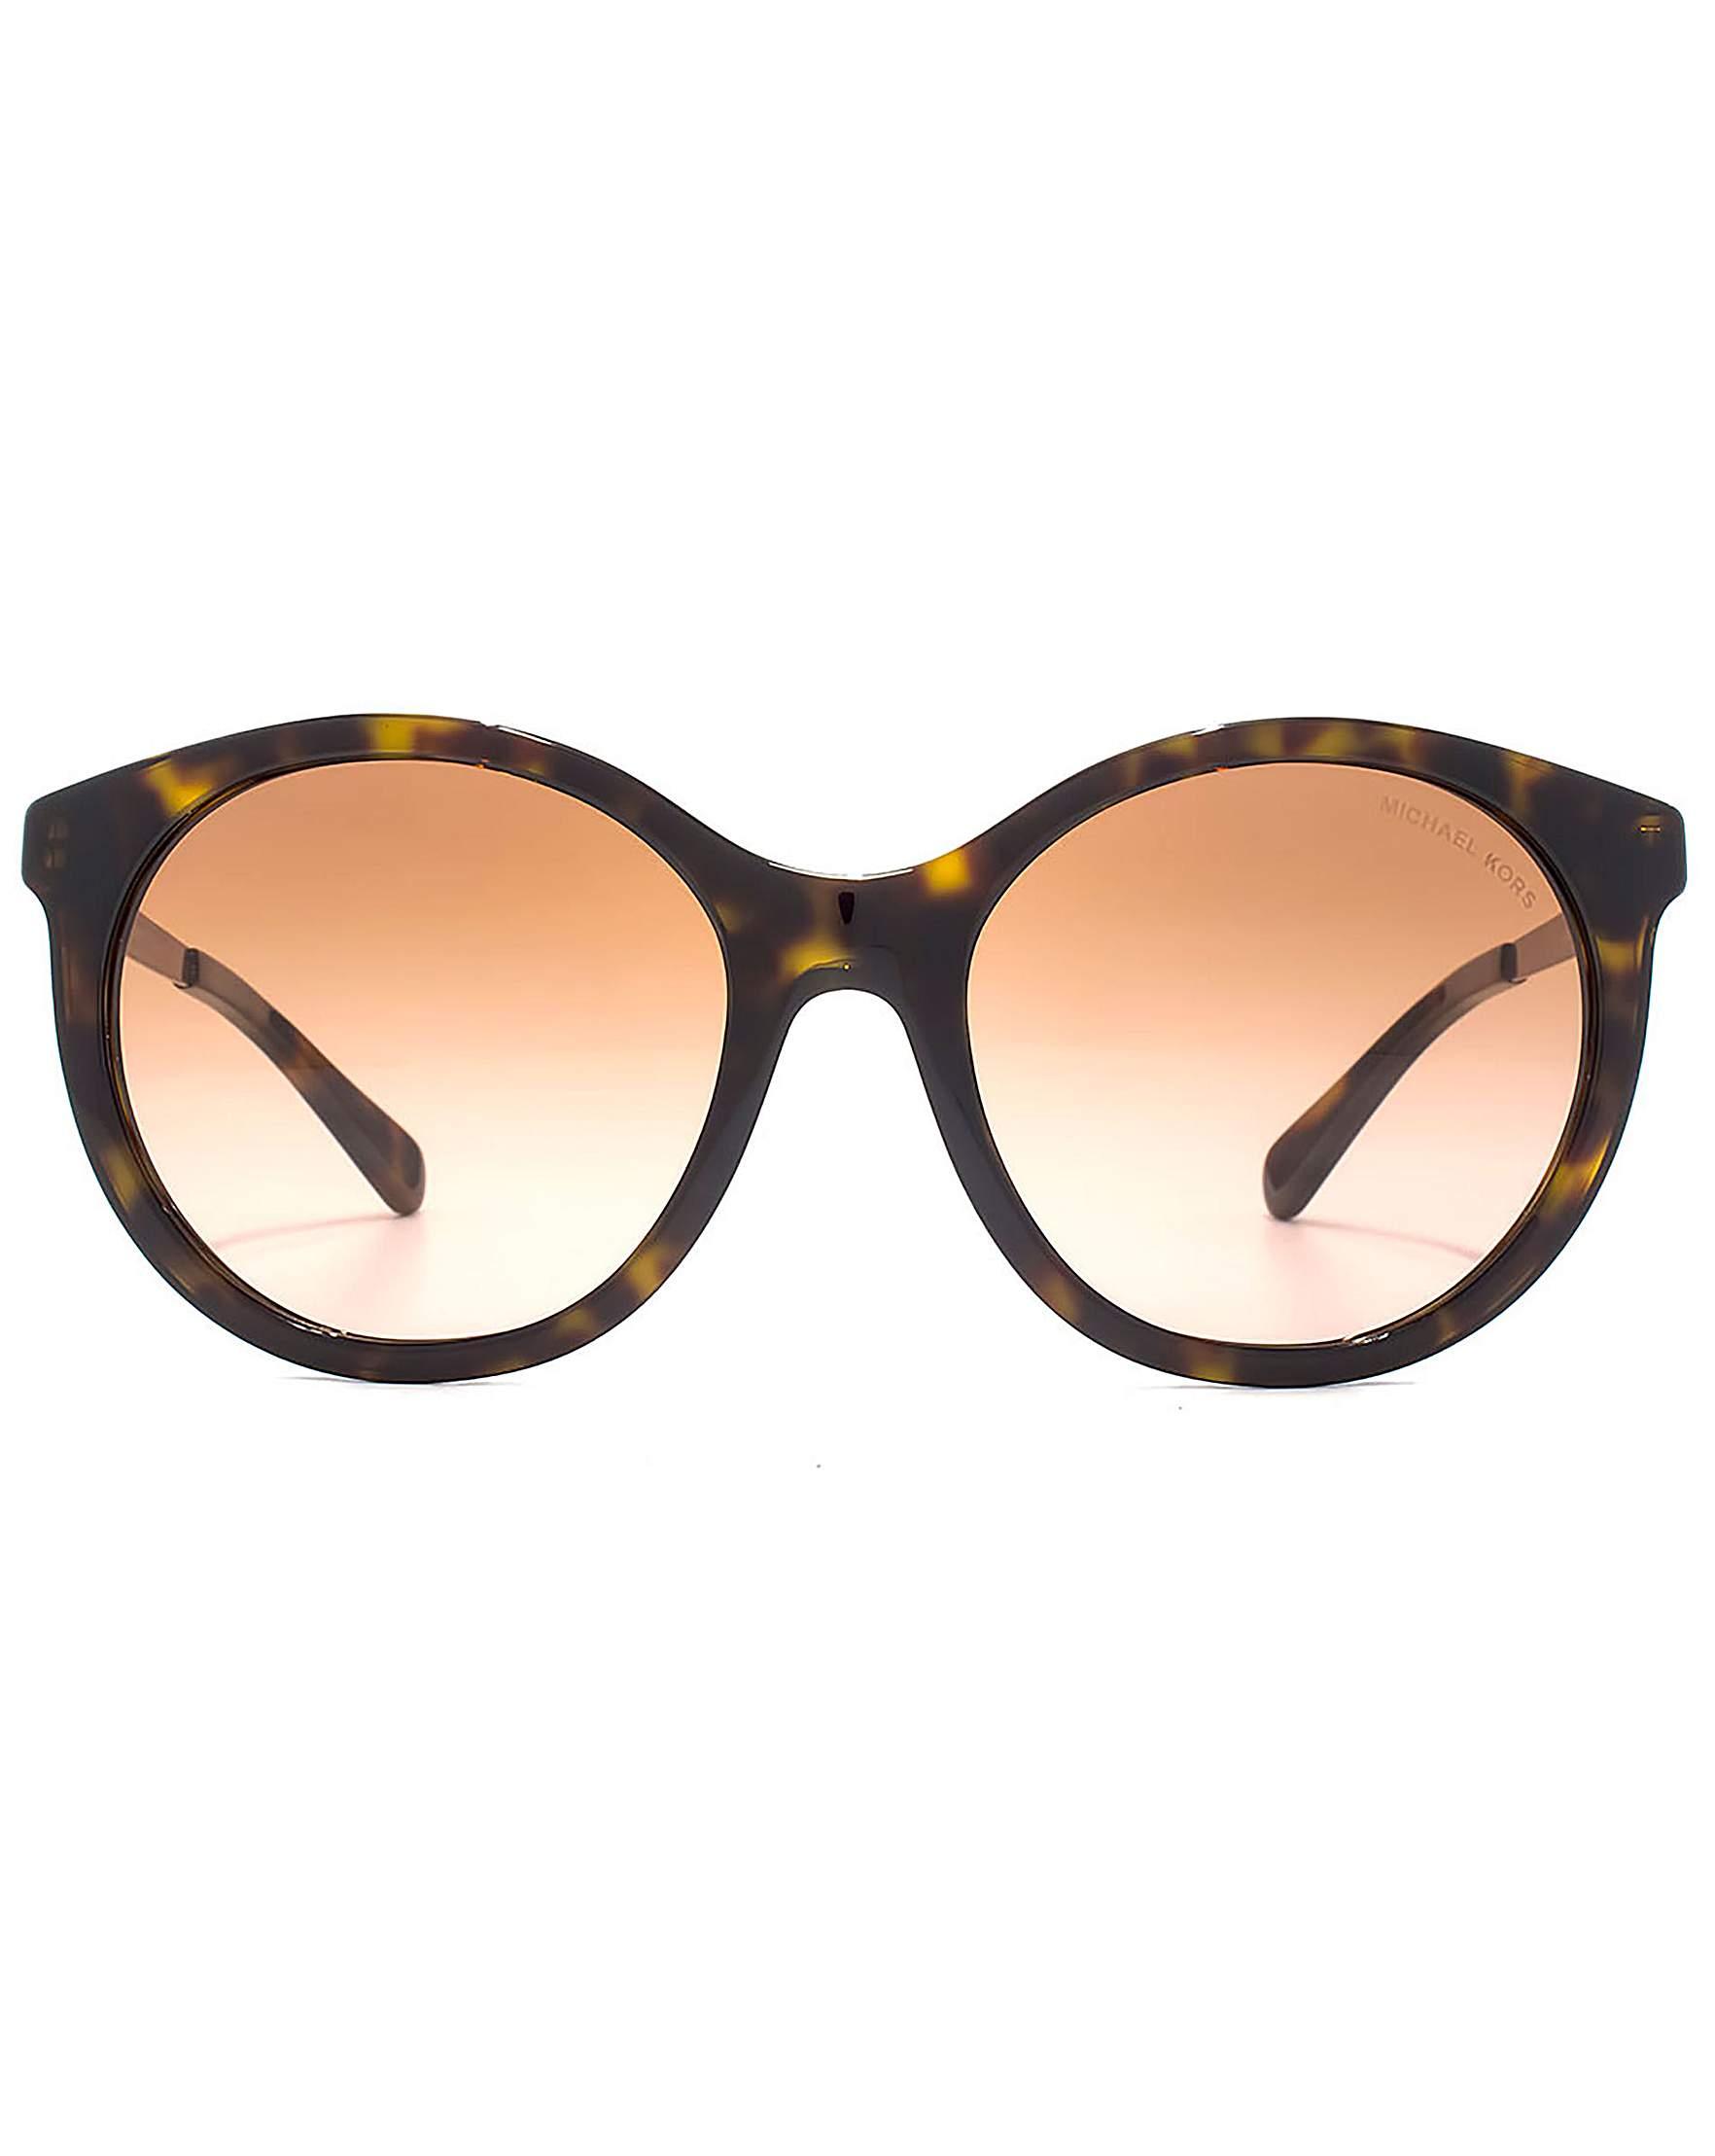 943c7de7903b9 Michael Kors Island Tropics Sunglasses